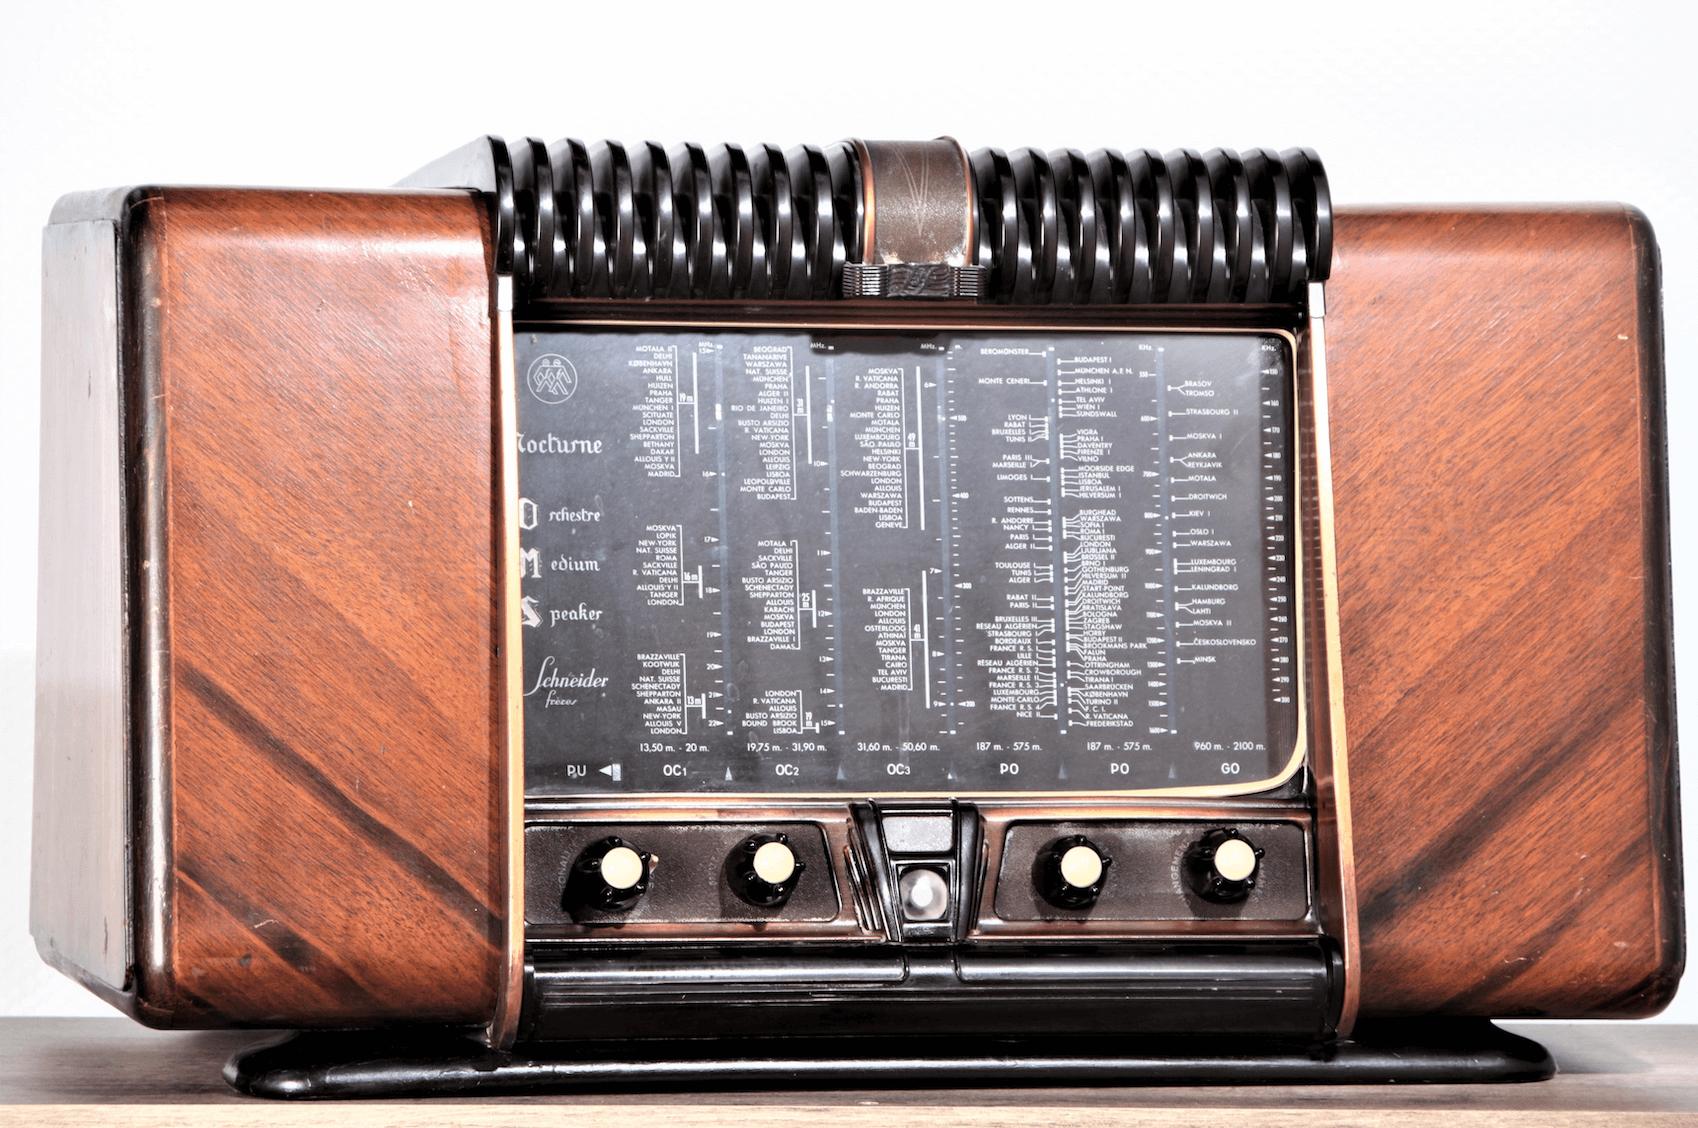 comparatif radio vintage